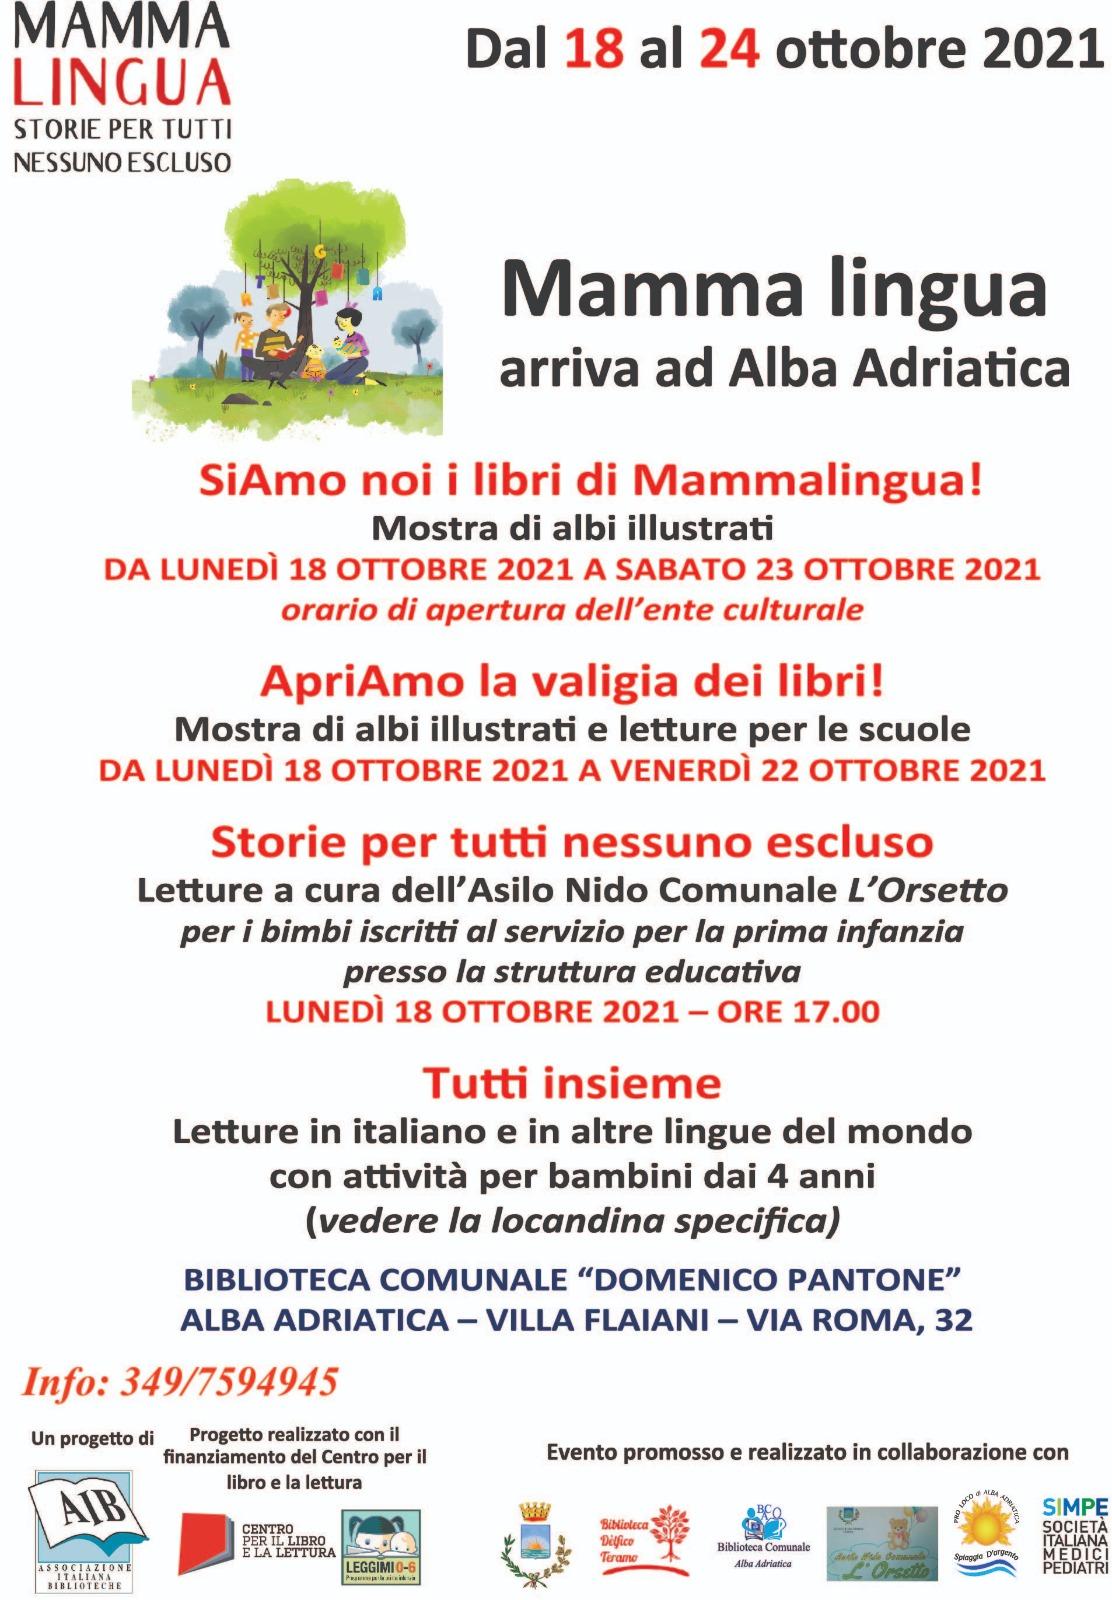 """Alba Adriatica, la biblioteca aderisce al progetto """"Mamma lingua. Storie per tutti, nessuno escluso"""""""